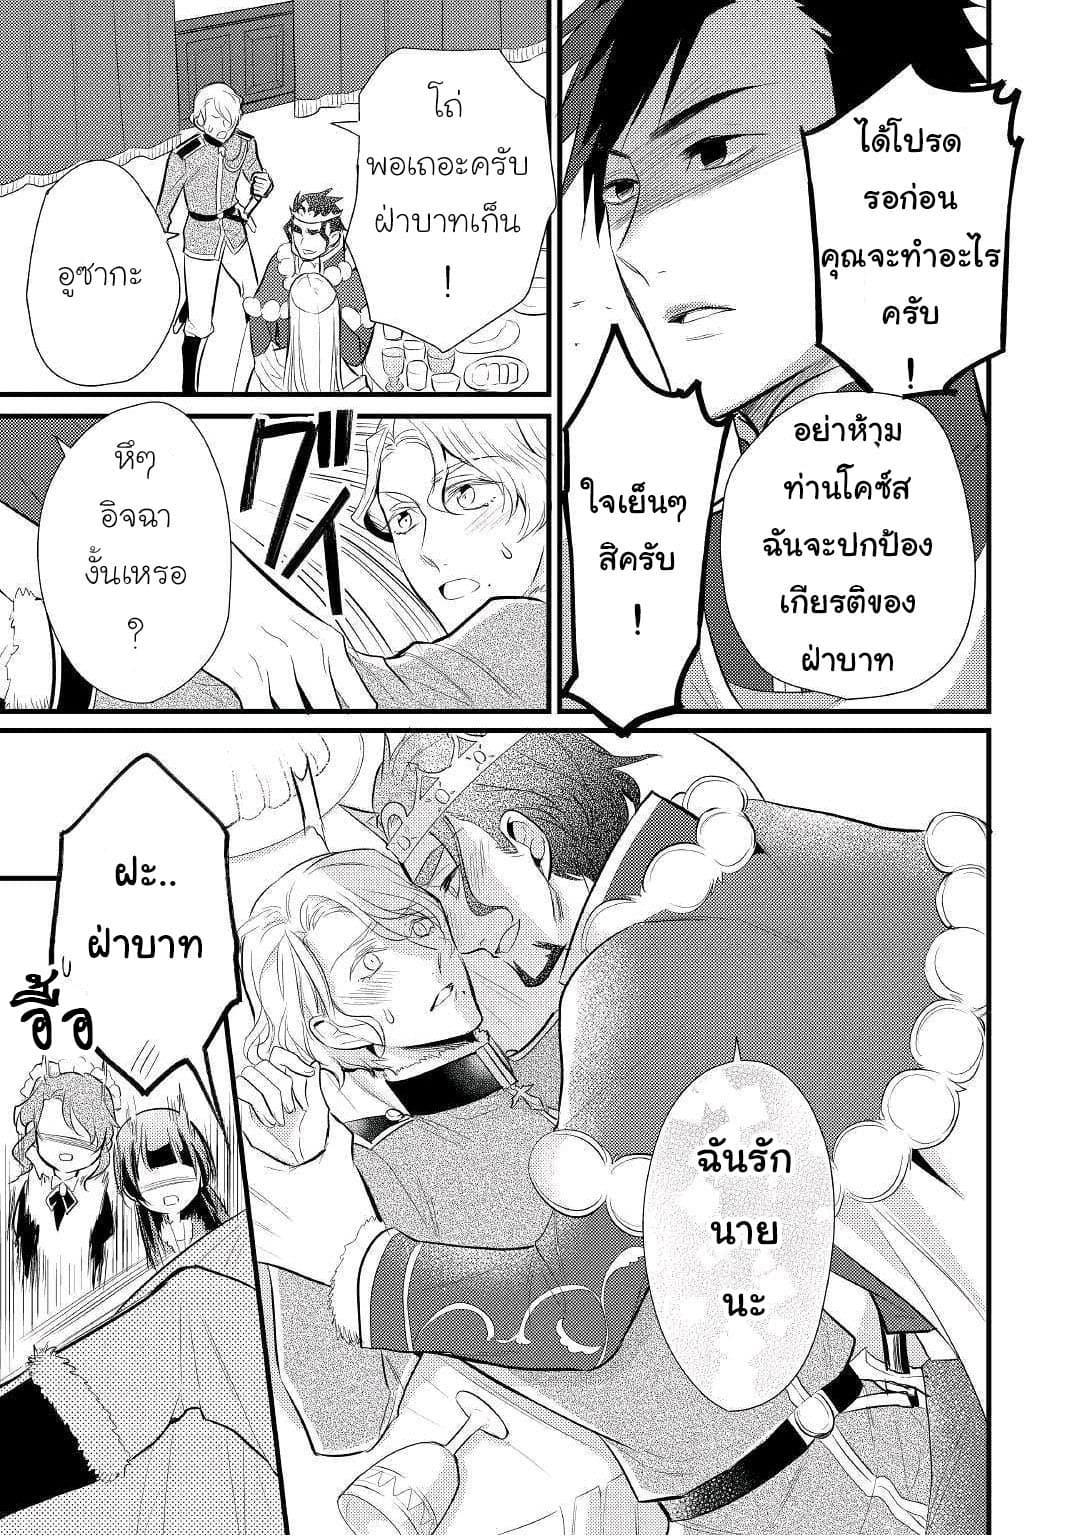 อ่านการ์ตูน Daites Ryou Koubouki ตอนที่ 17 หน้าที่ 23